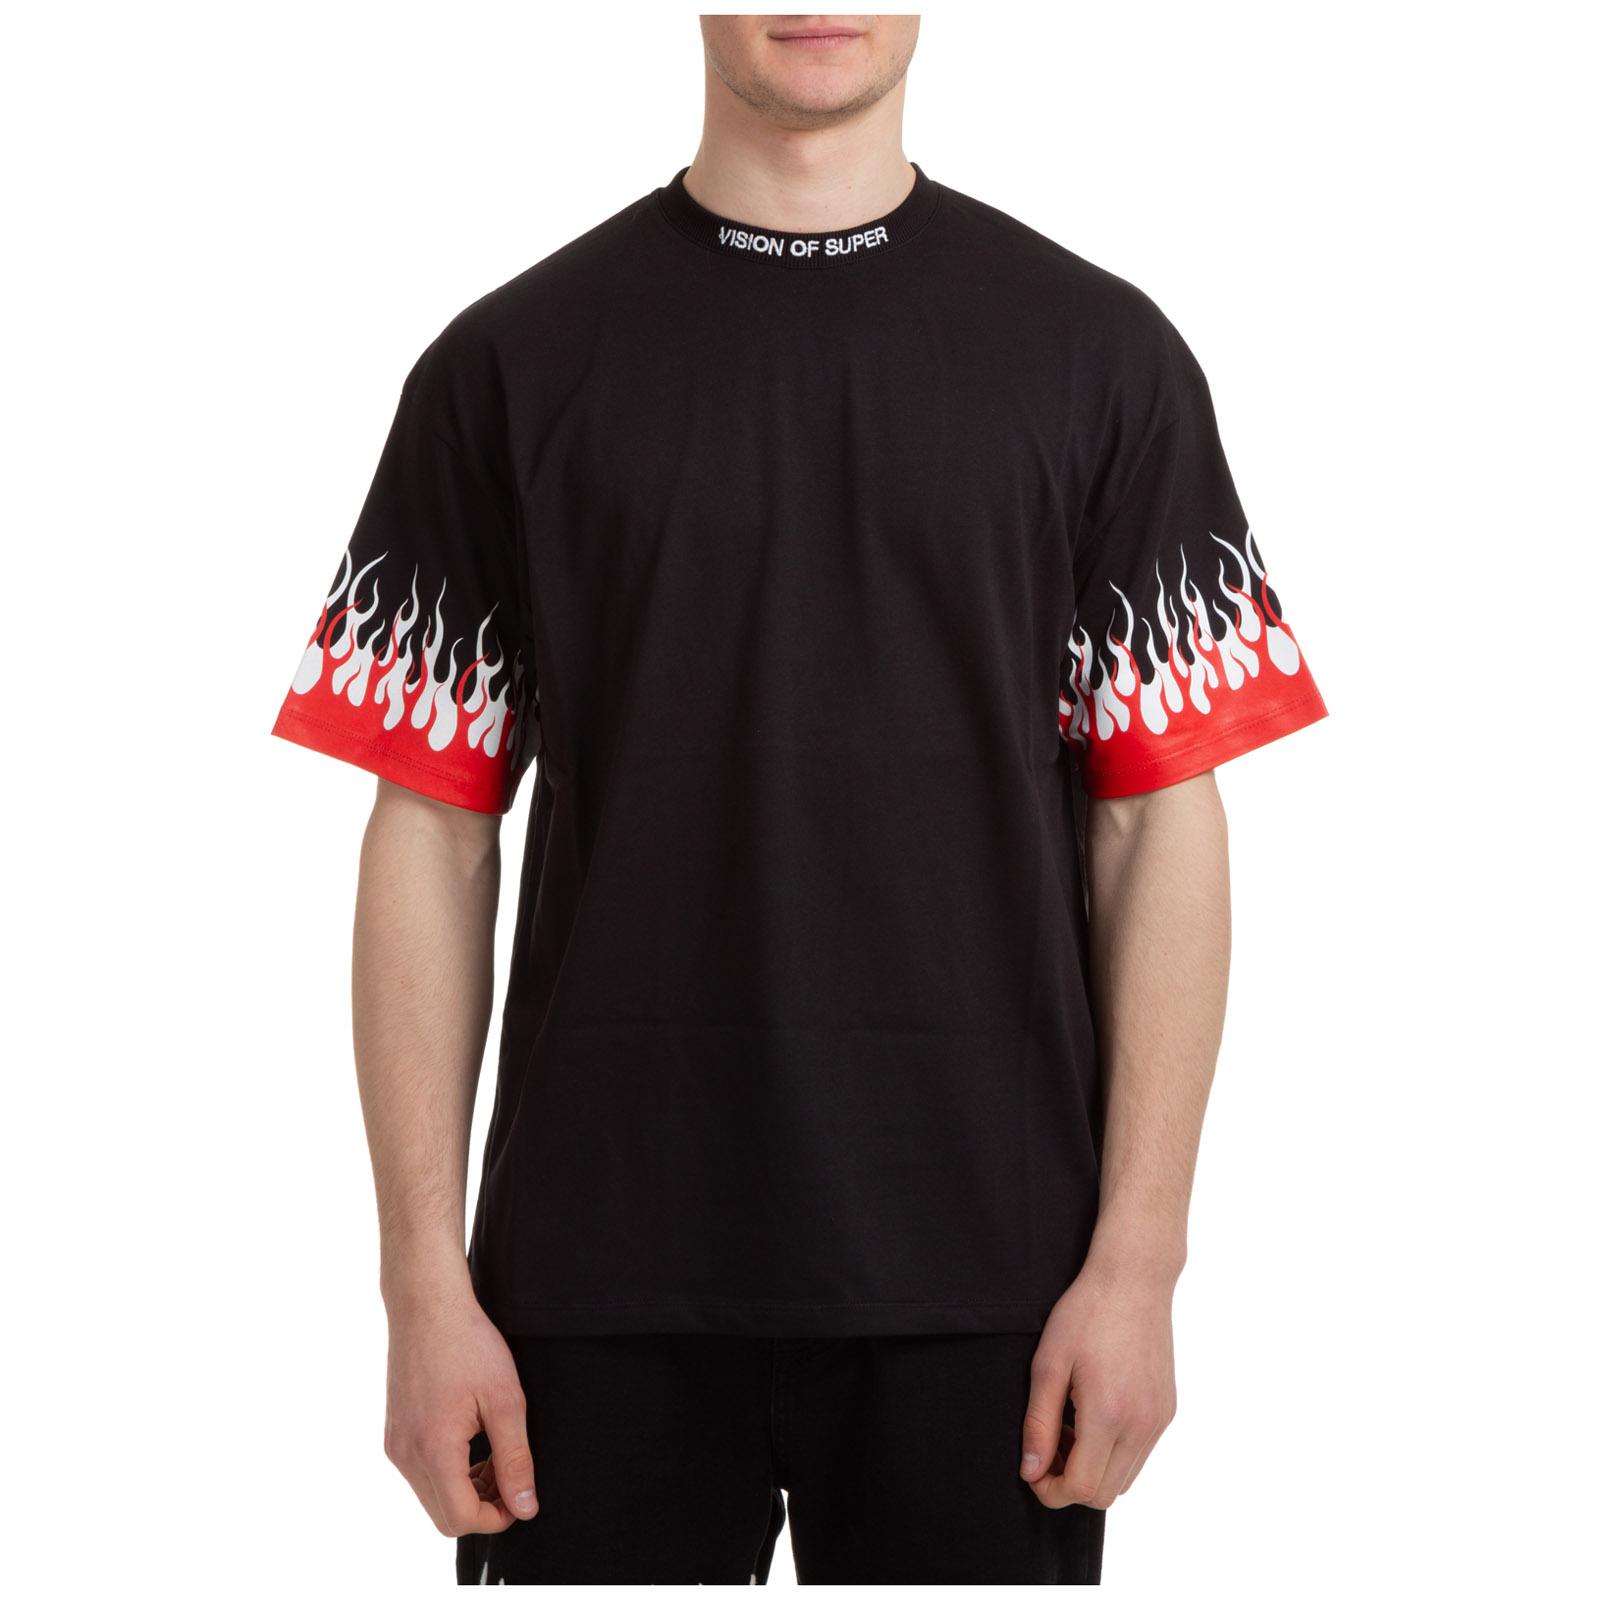 T-shirt maglia maniche corte girocollo uomo double flames